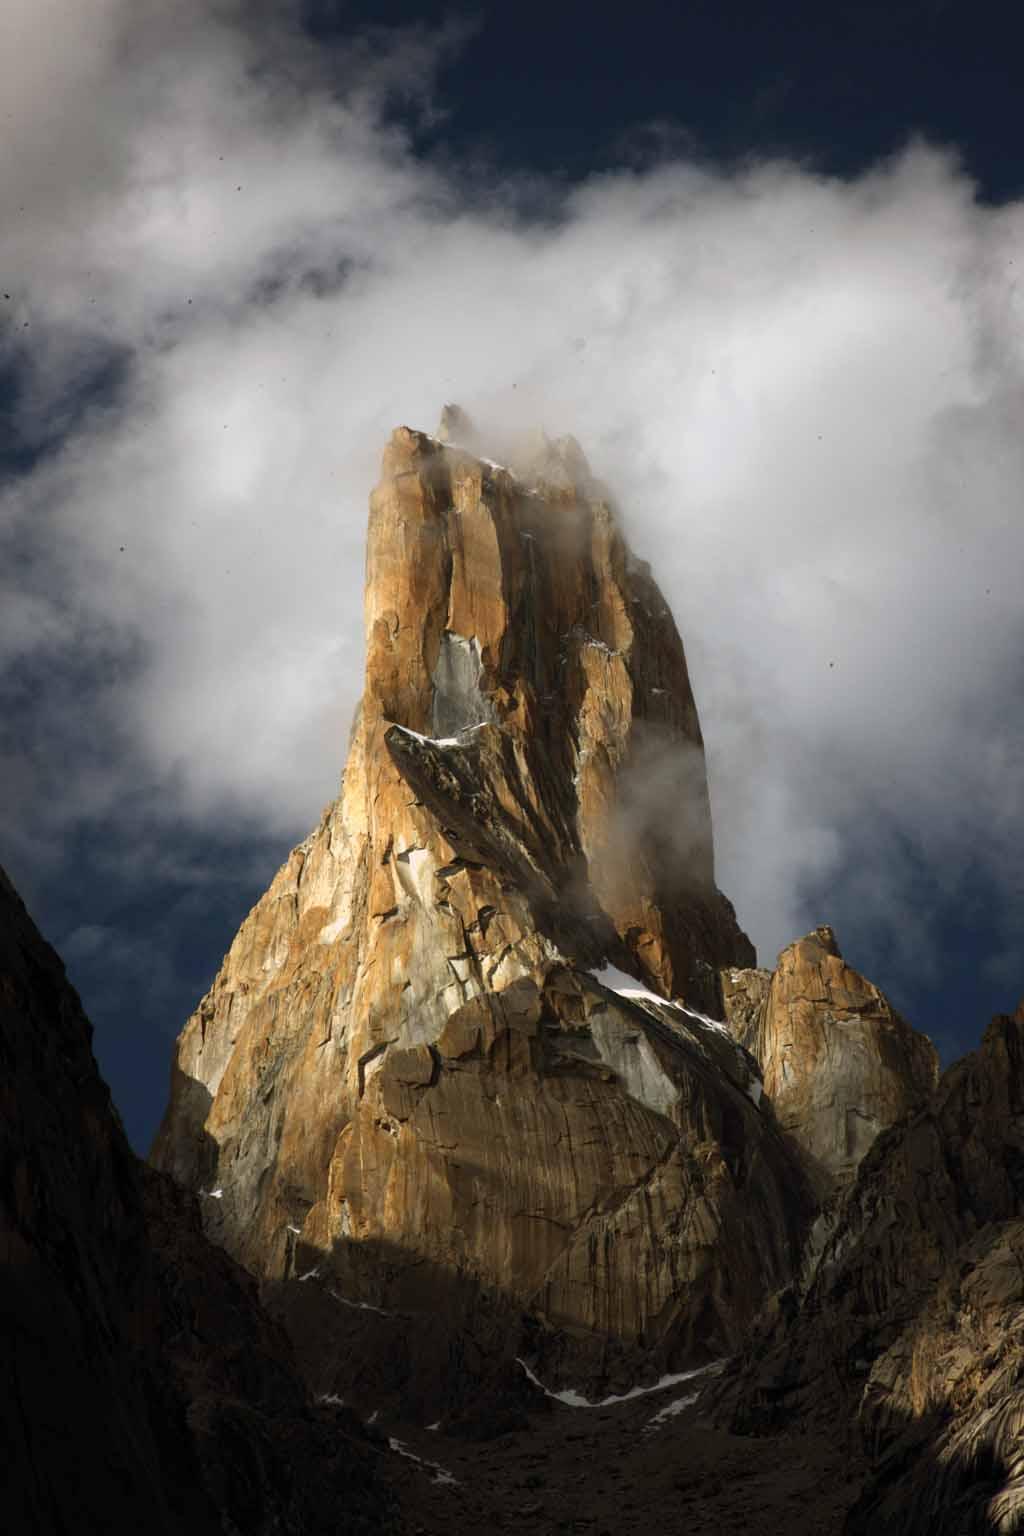 Die Westwand des Nameless Tower. Die Eternal Flame verläuft direkt an der Kante des Südpfeilers, der das rechte Profil des Turmes zeigt.